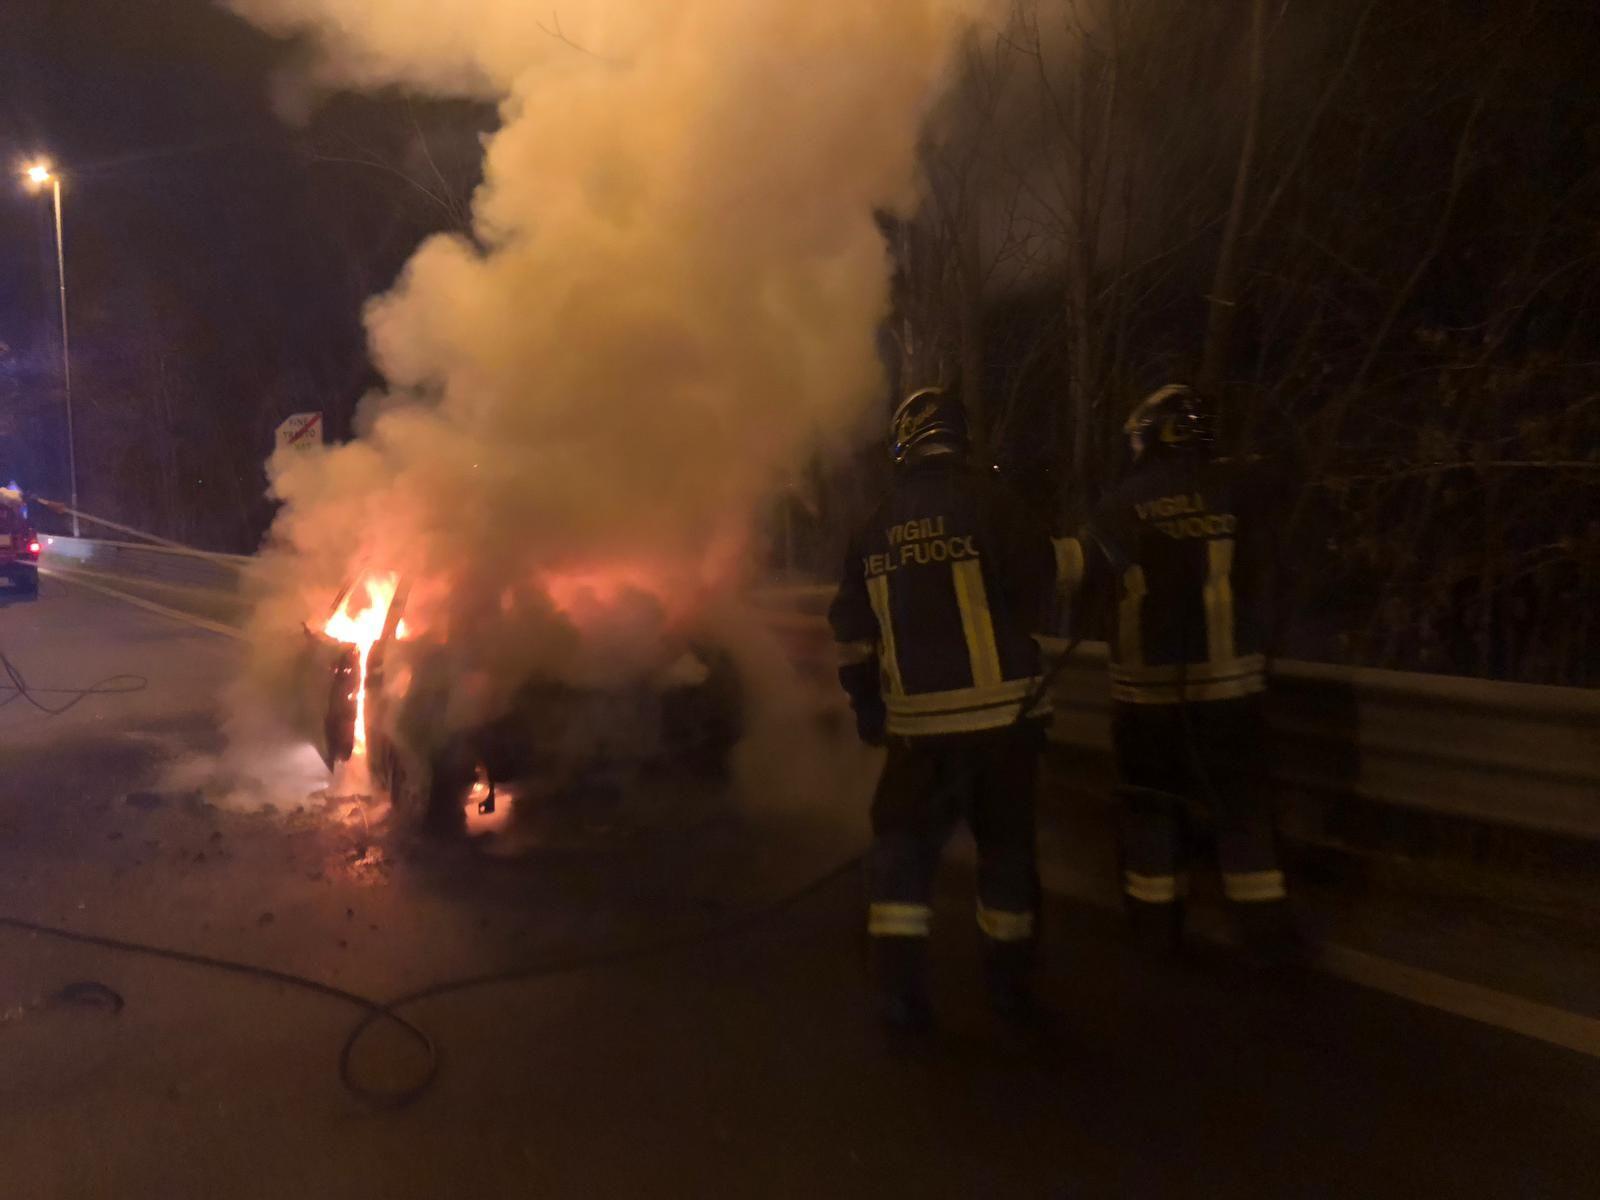 LEINI - Un'auto va a fuoco durante la marcia: paura sulla 460